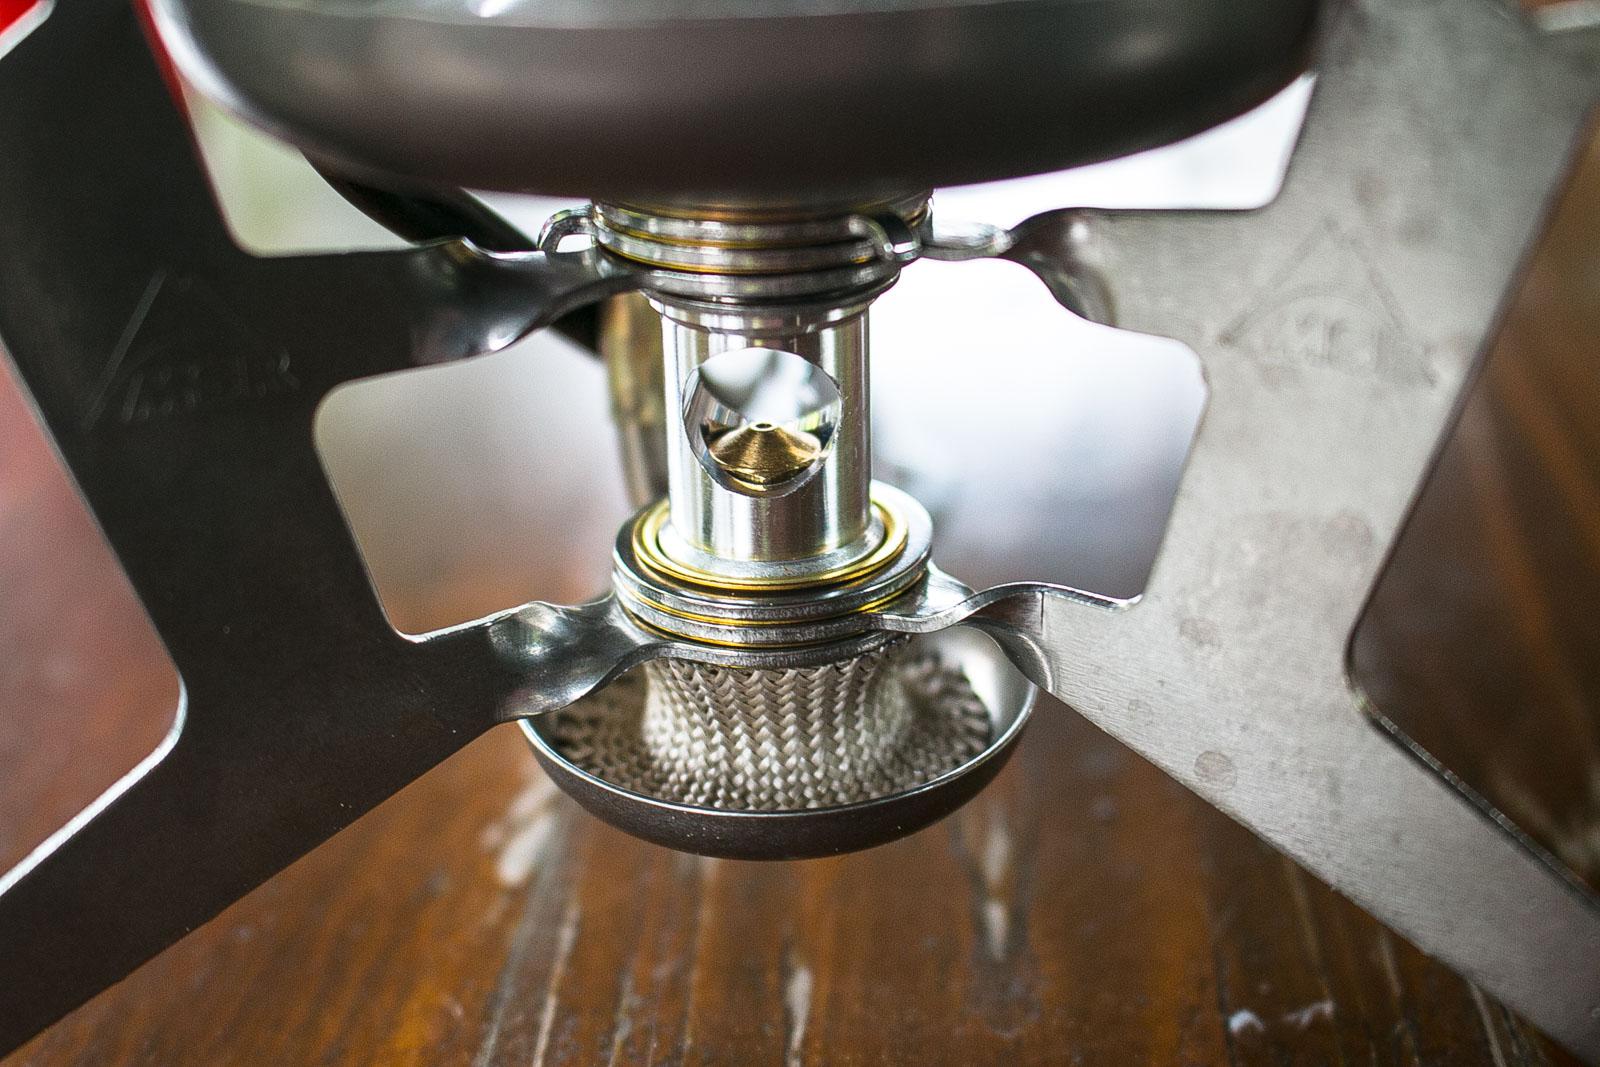 Um den Kocher mit den unterschiedlichen Brennstoffen zu betreiben, müssen die Düsen gewechselt werden. Hier sieht man die Düsen in der Halterung. Darunter der Topf für den Flüssigbrennstoff mit dem Docht von MSR.